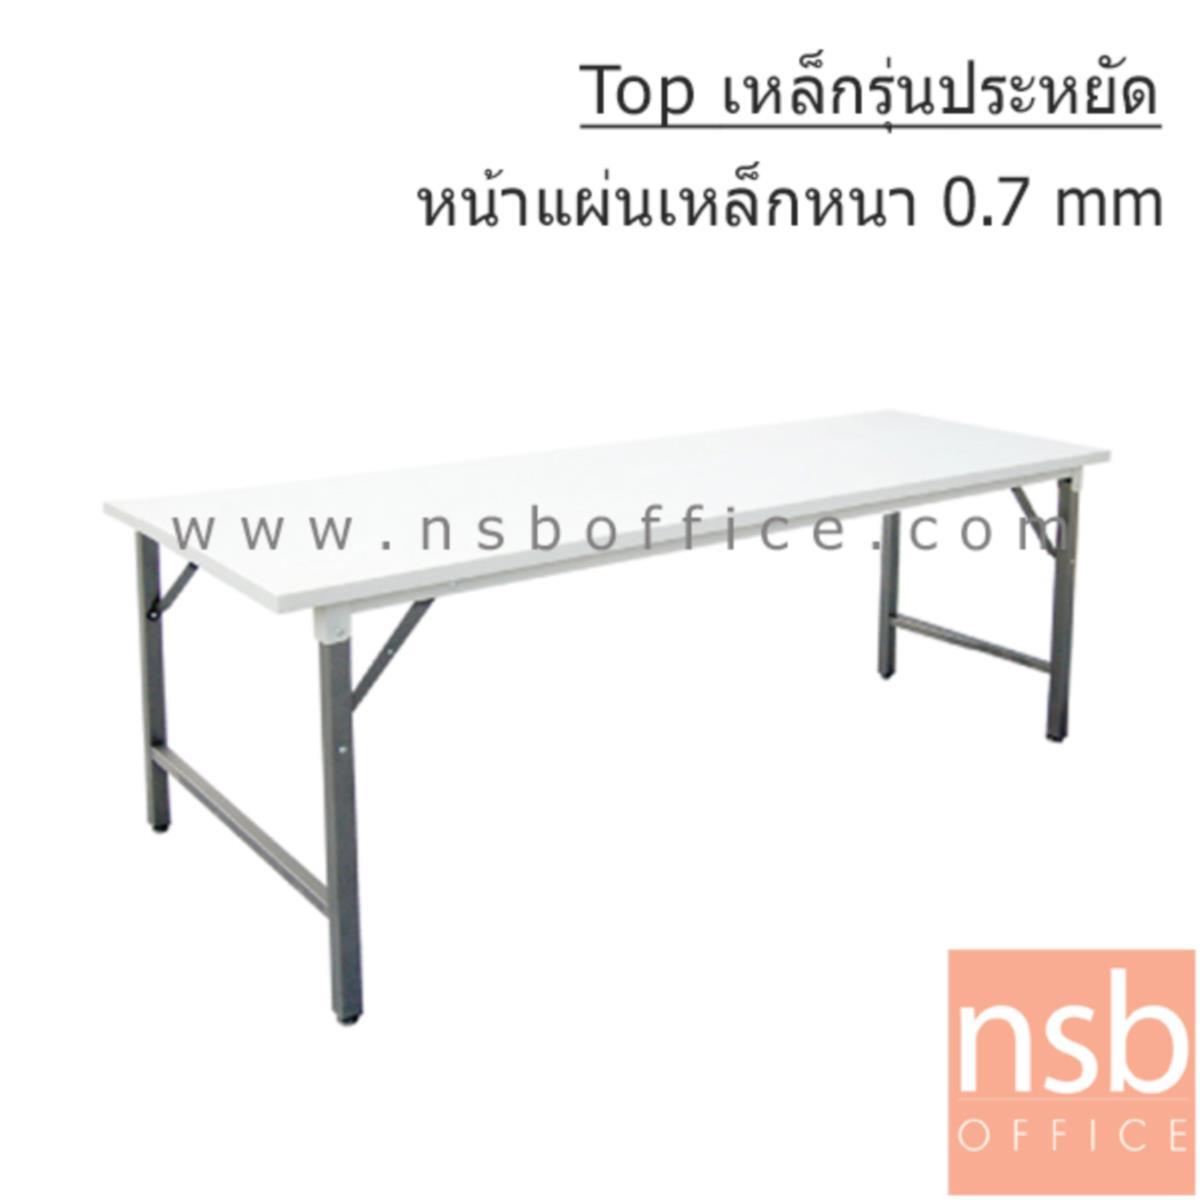 โต๊ะพับหน้าเหล็ก 0.7 มม. รุ่น Ignite (อิกไนท์)  ขาอีพ็อกซี่เกล็ดเงิน